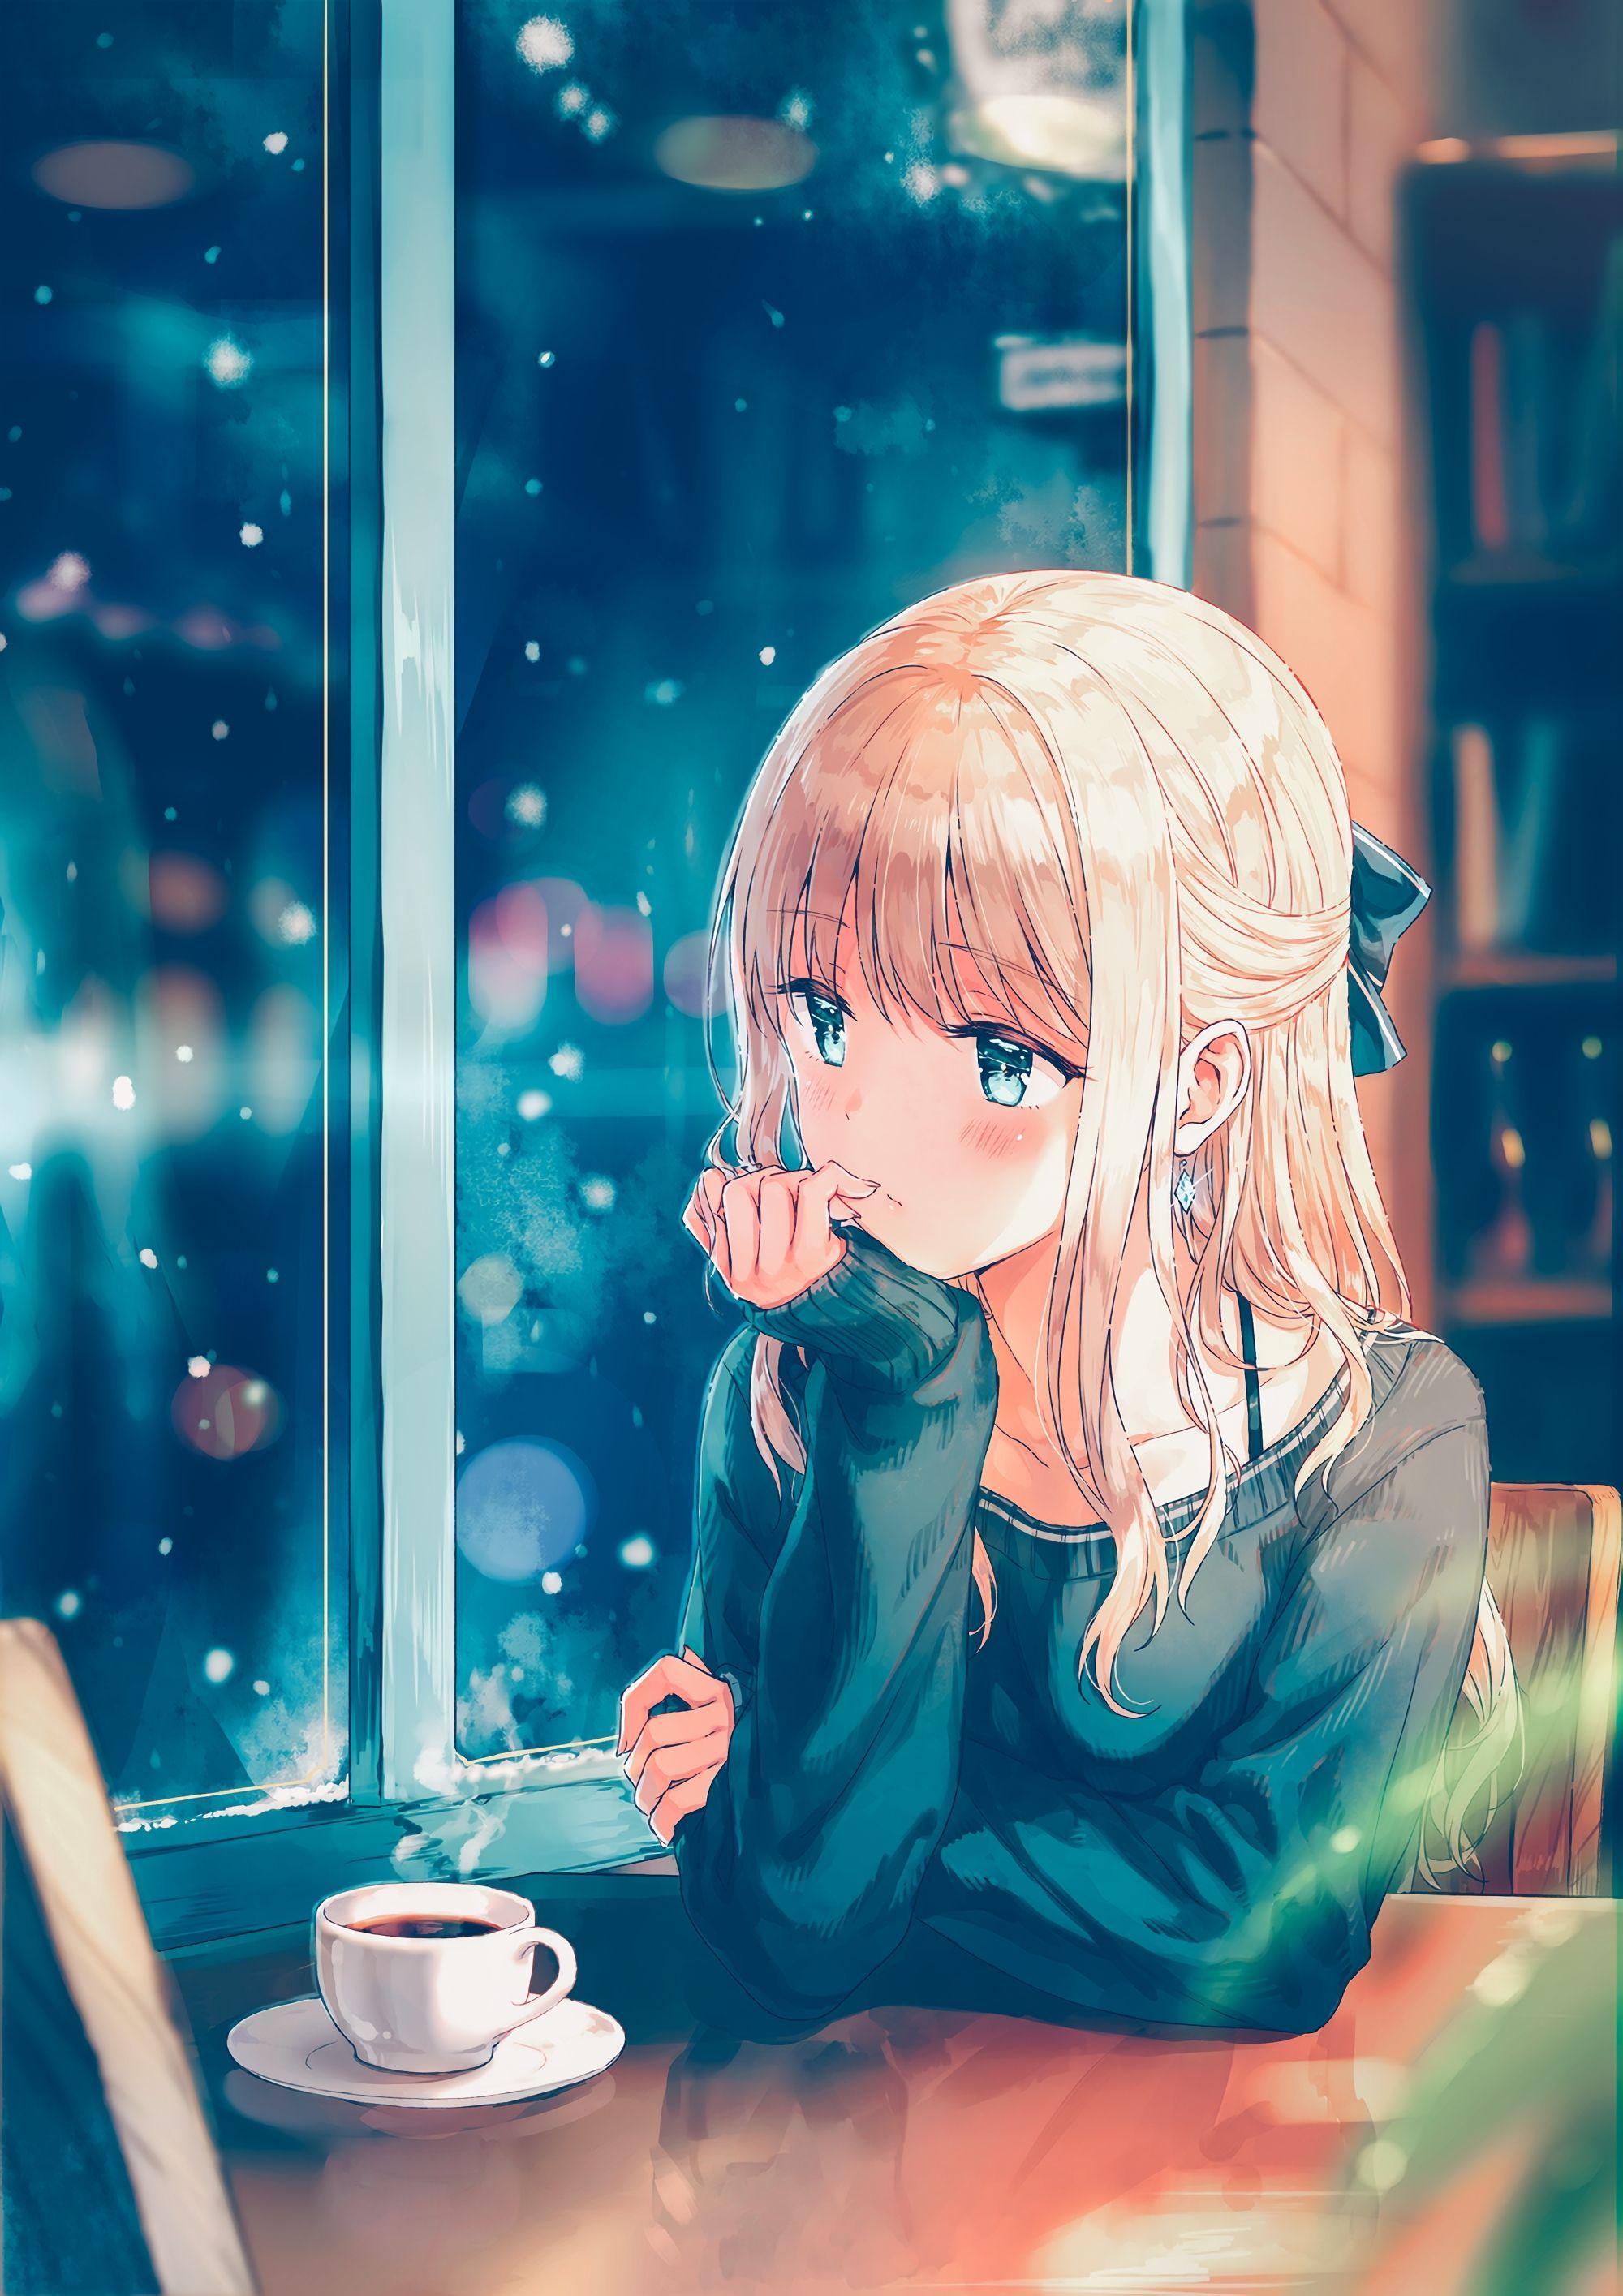 Unduh 80 Wallpaper Animasi Cute Couple HD Paling Keren